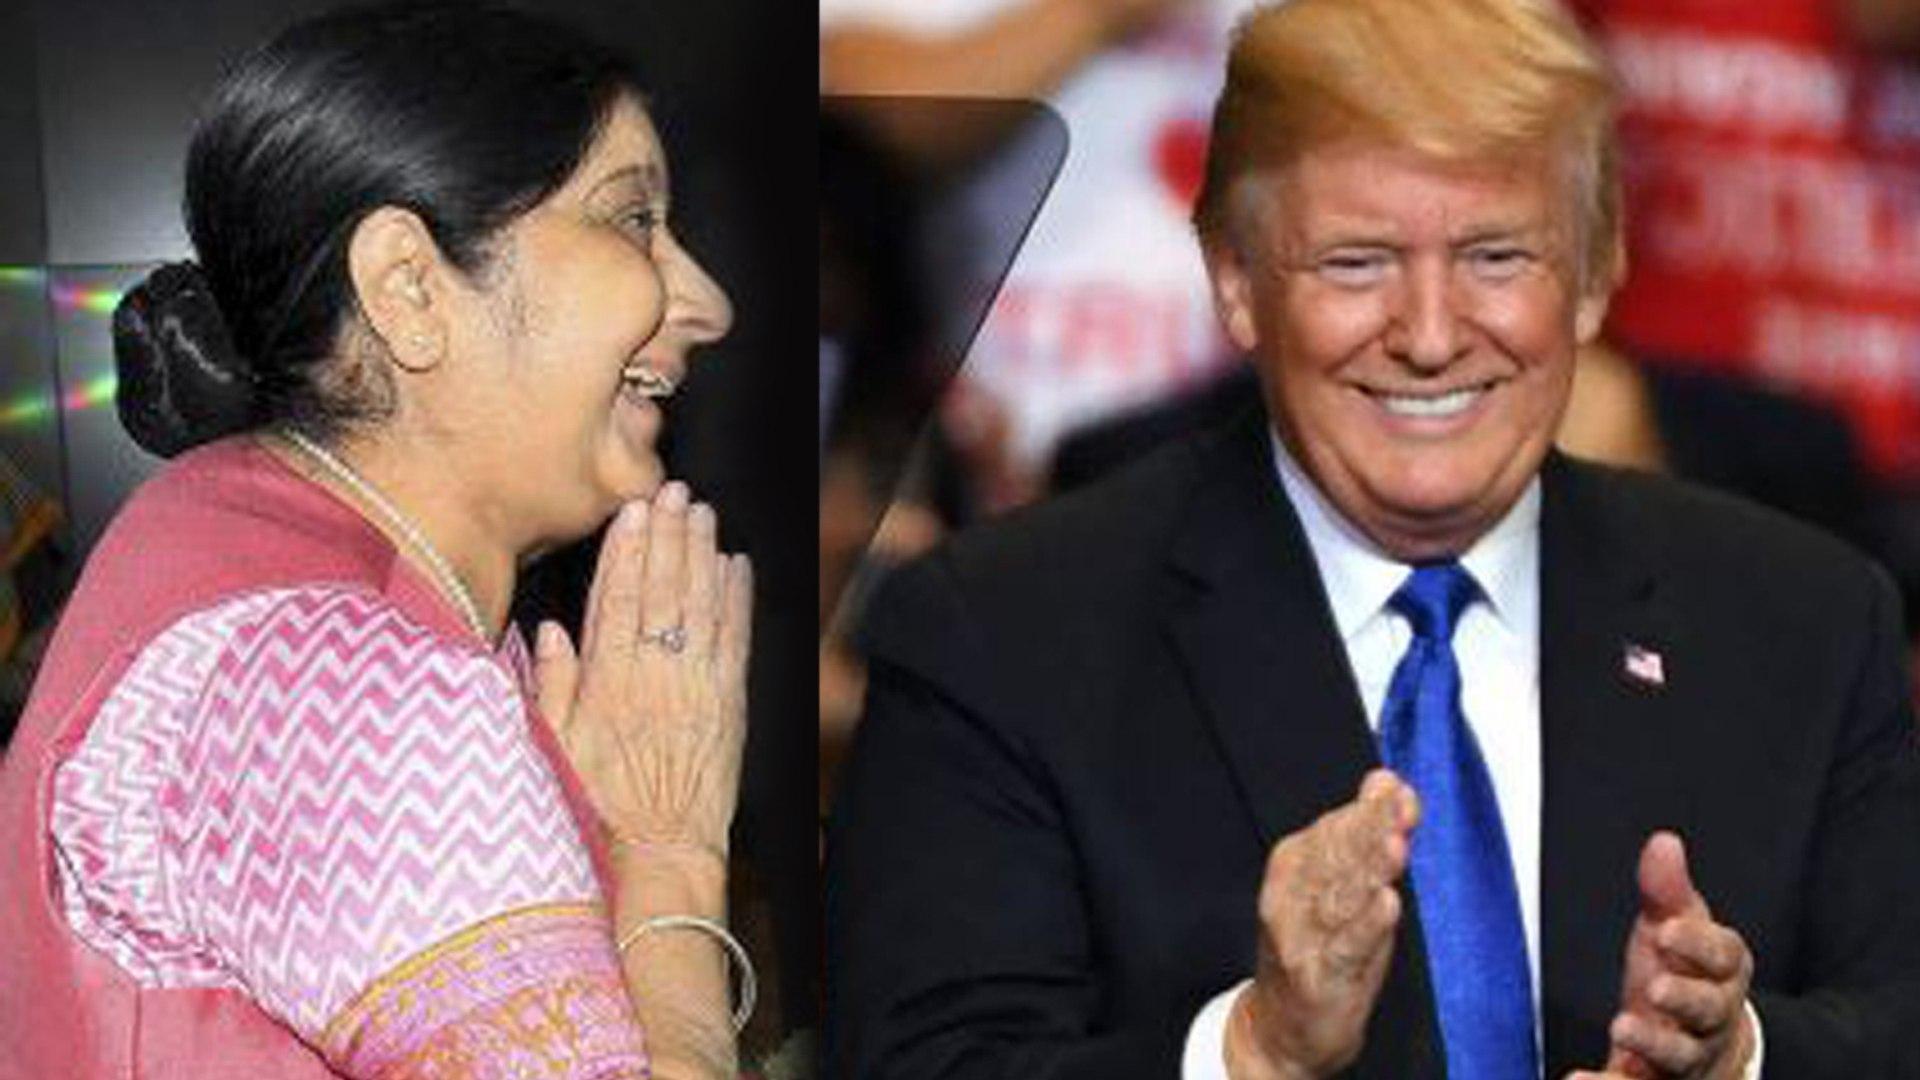 PM Modi को भेजा Donald Trump ने प्यार, कहा 'मेरे खास दोस्त है PM Modi' | वनइंडिया हिंदी